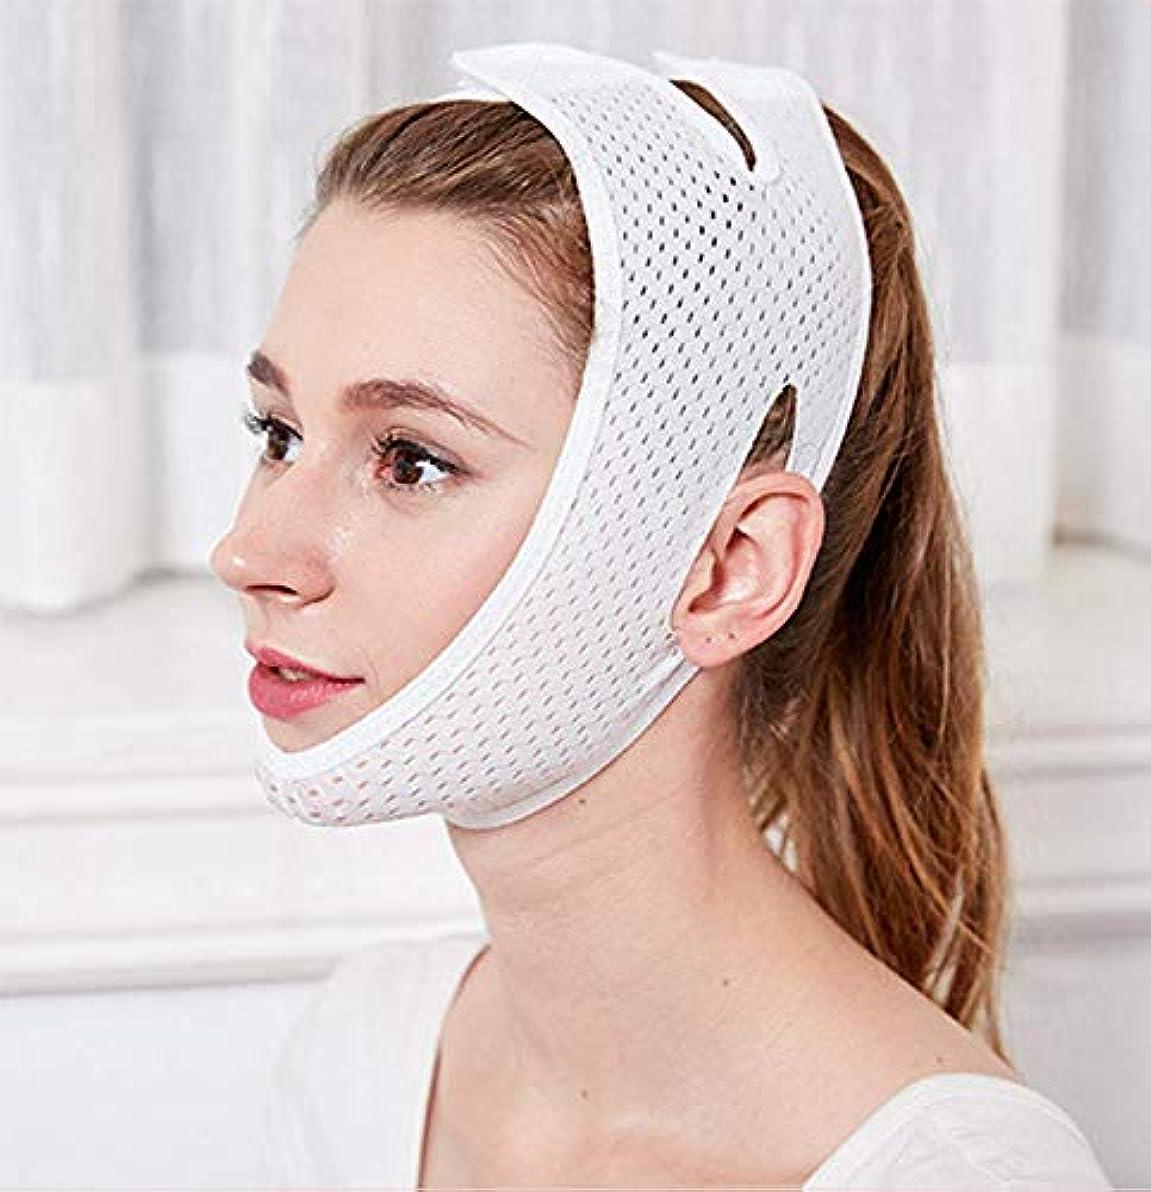 不機嫌手術スナップNfudishpu強力なフェイスリフト包帯リフティング浮腫ダブルあご引き締め肌美容V顔改善リラクゼーションアライナー通気性弾性調整可能